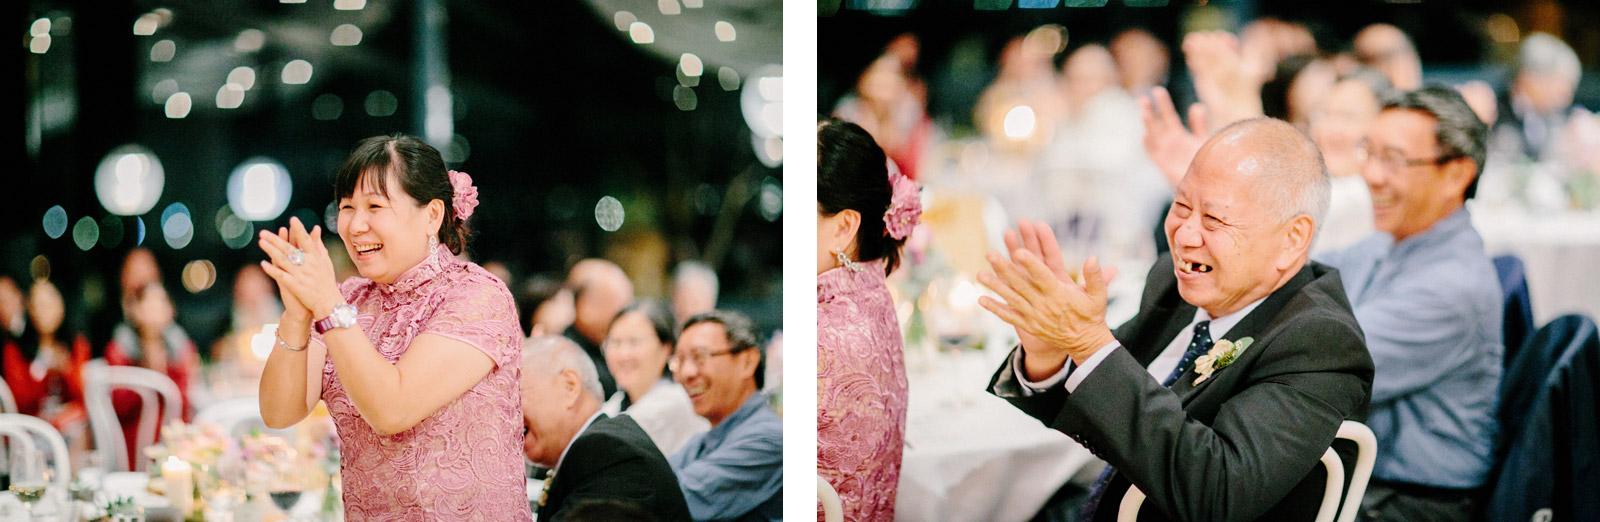 wedding-sonia-kev-102